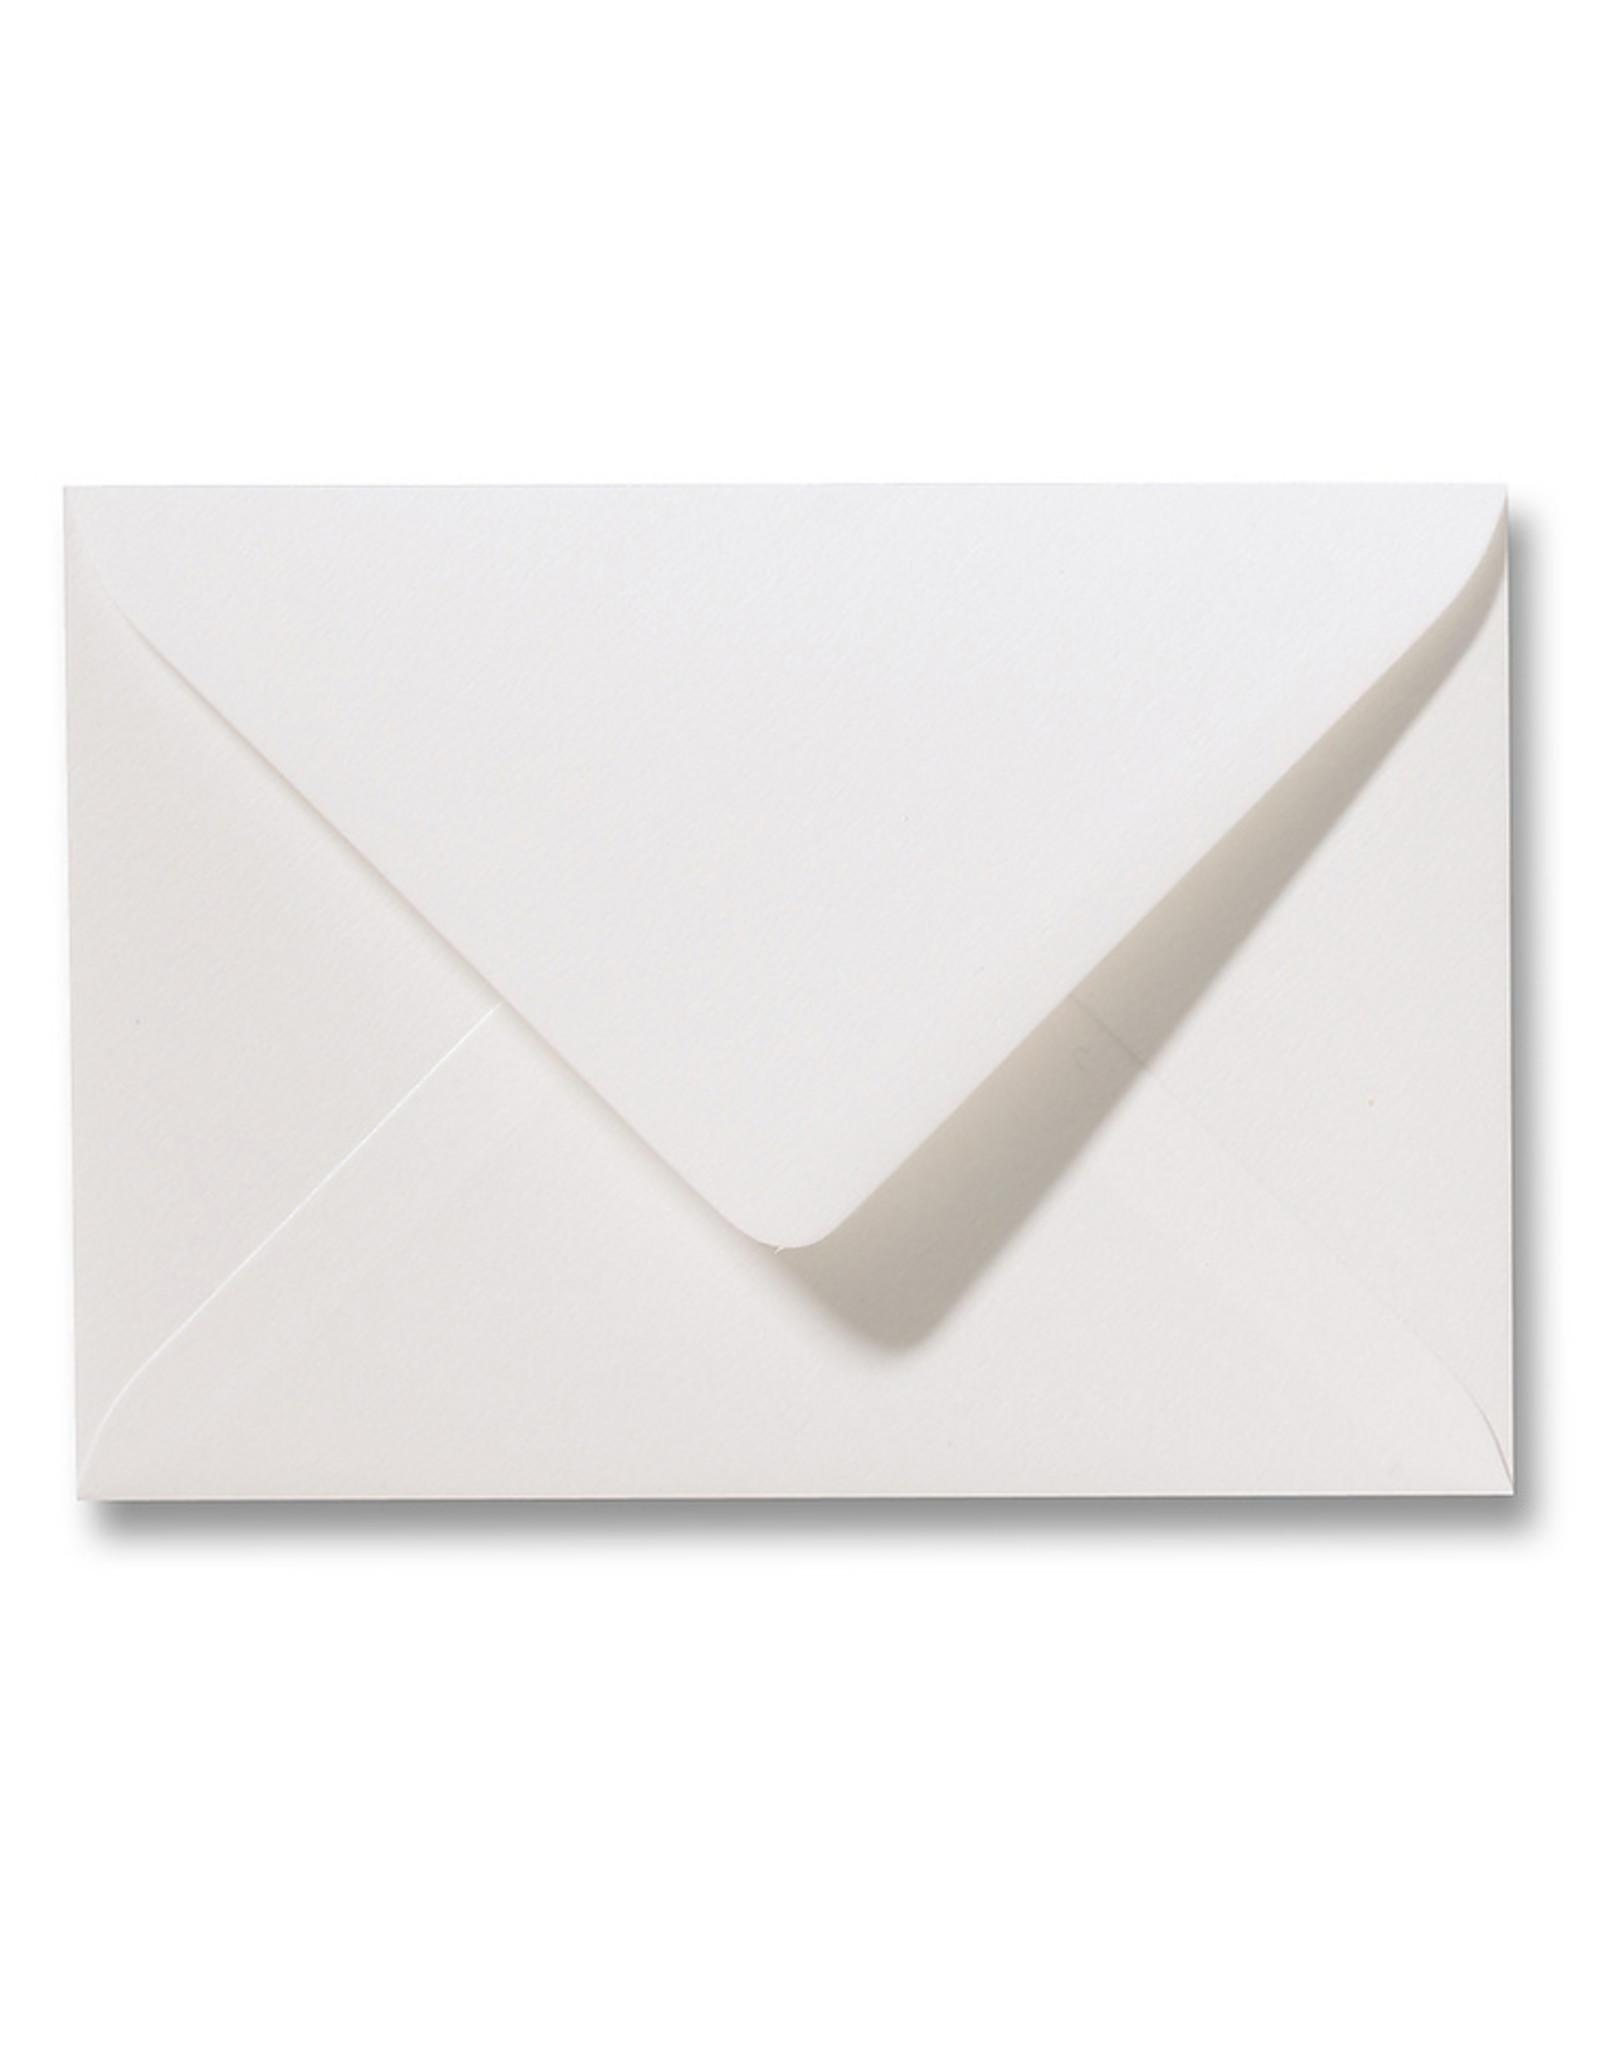 www.Robin.cards Blanco structuur envelop  Naturelle